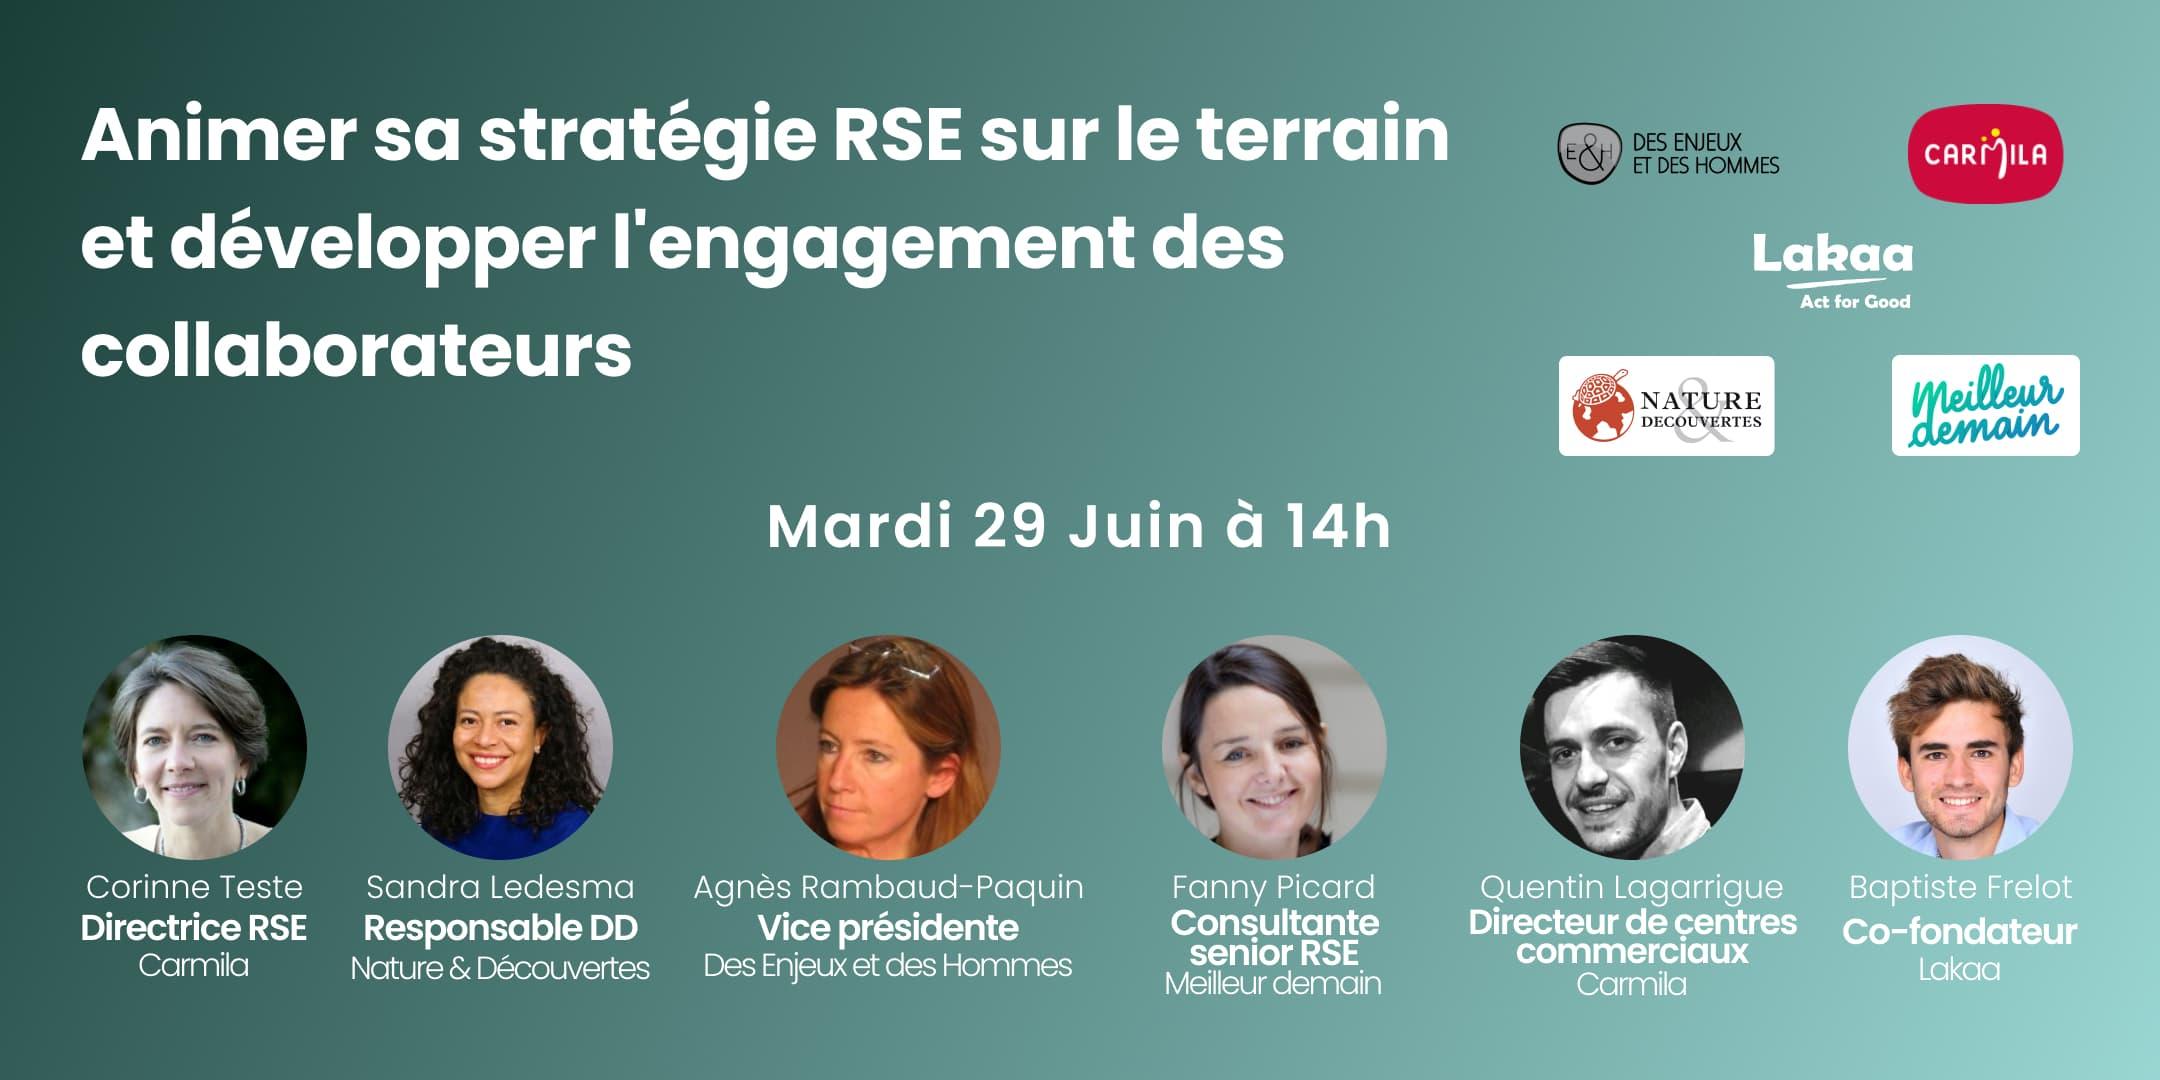 Bannière de présentation du webinar de Lakaa sur comment animer sa stratégie RSE sur le terrain et développer l'engagement des collaborateurs